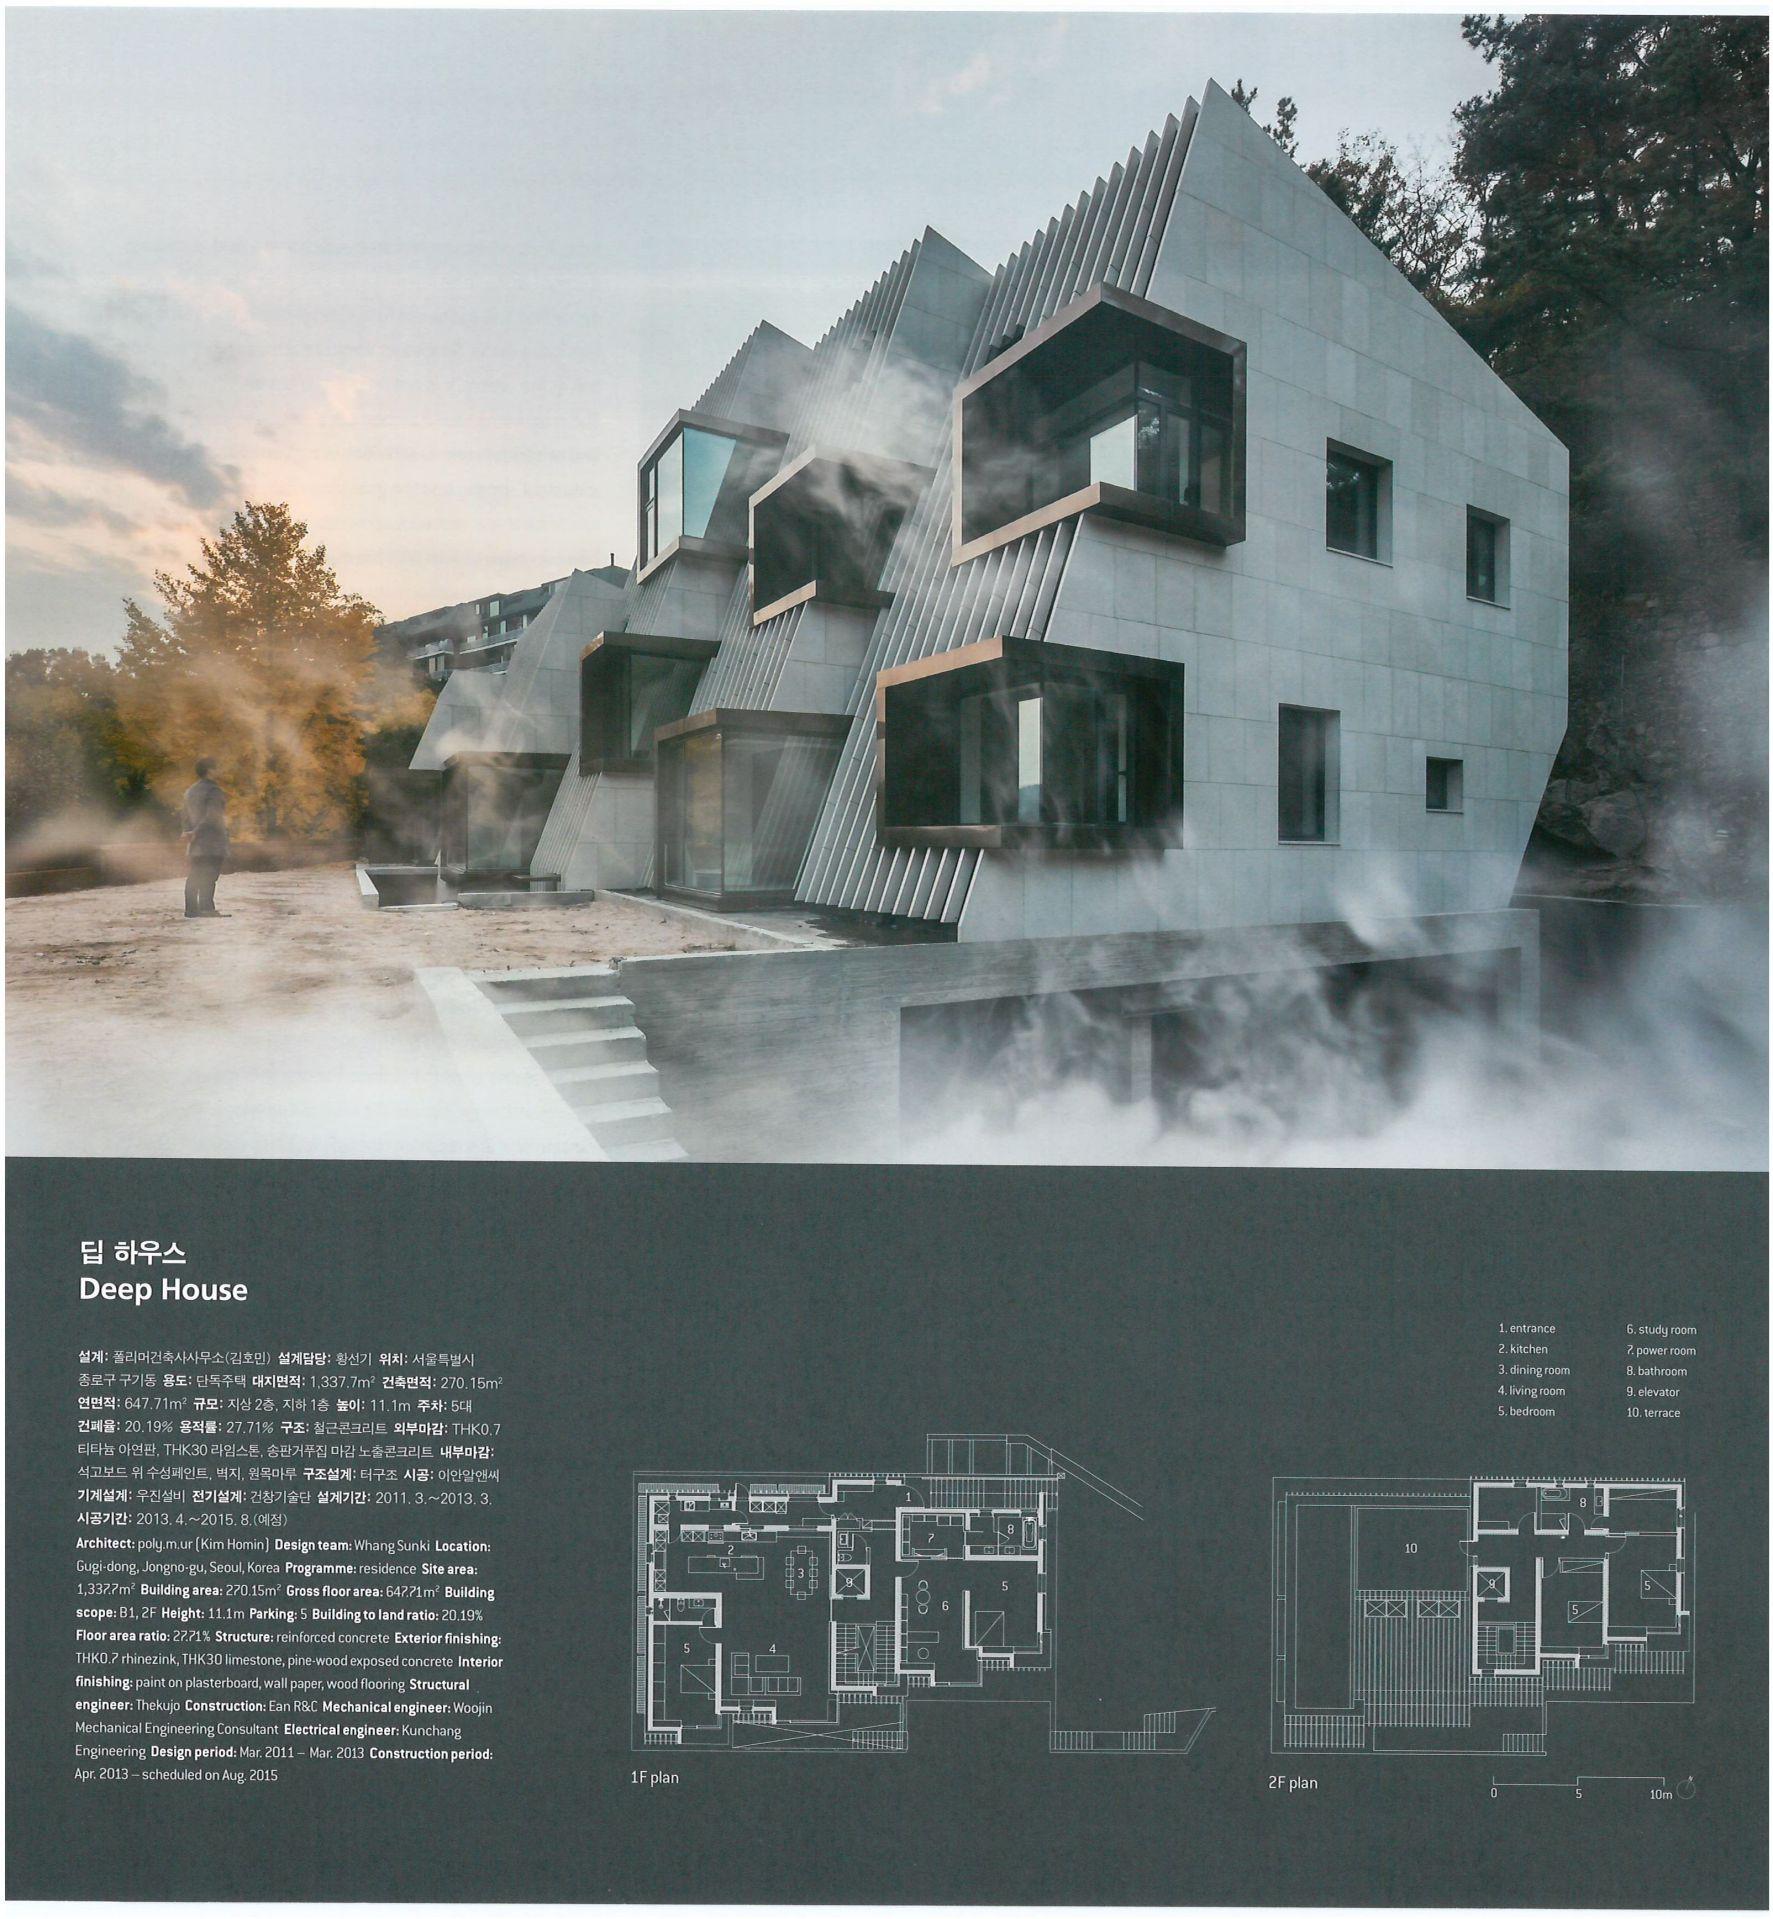 공간지-딥 하우스(사진).jpg